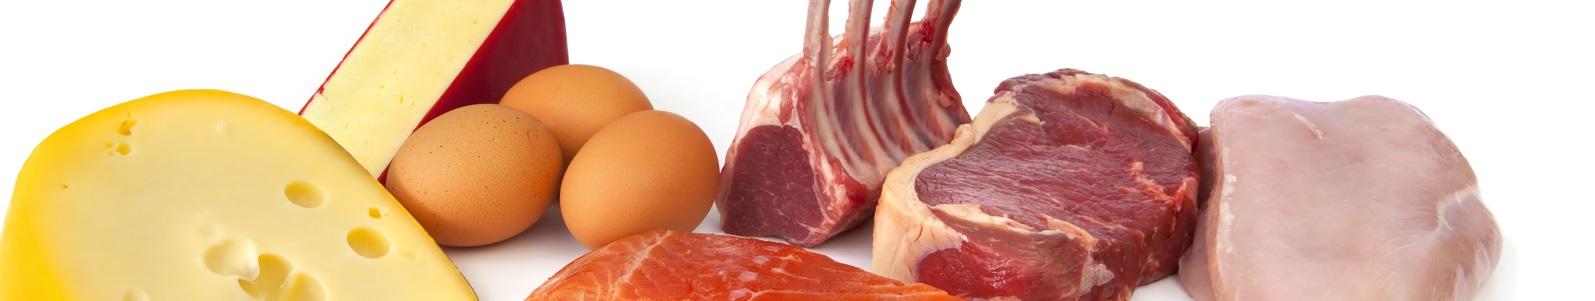 carne y lacteos